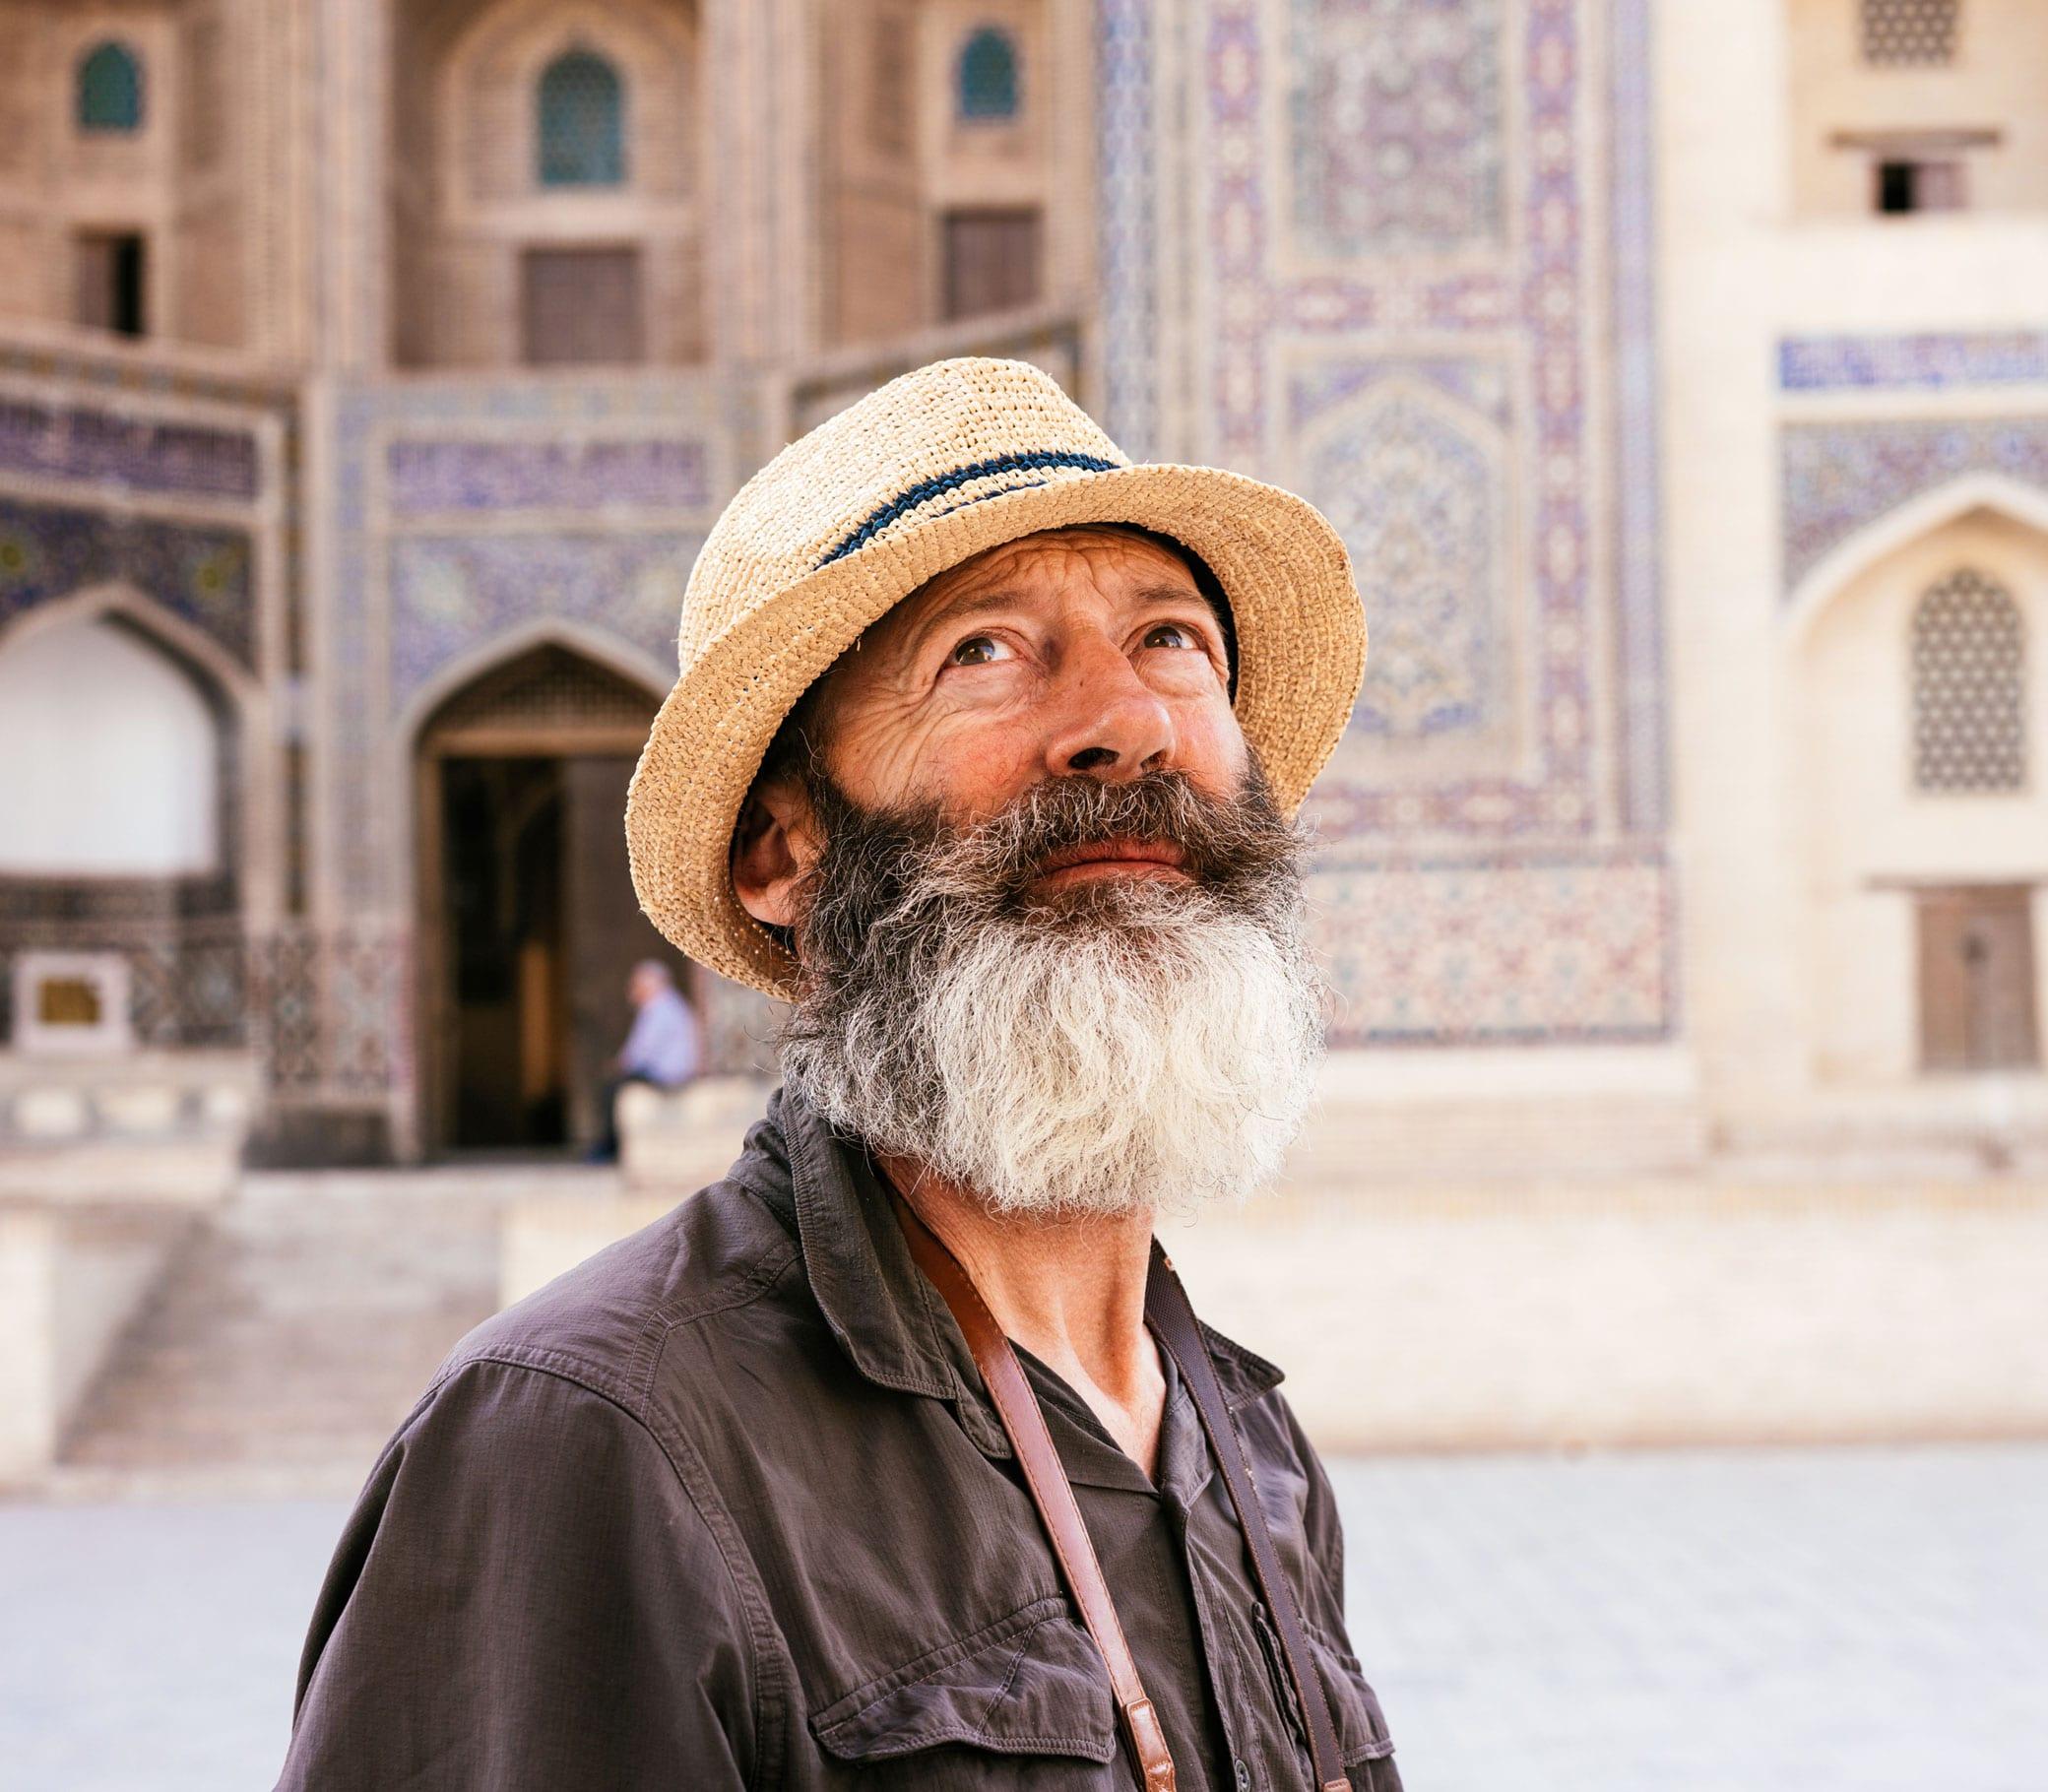 male traveler